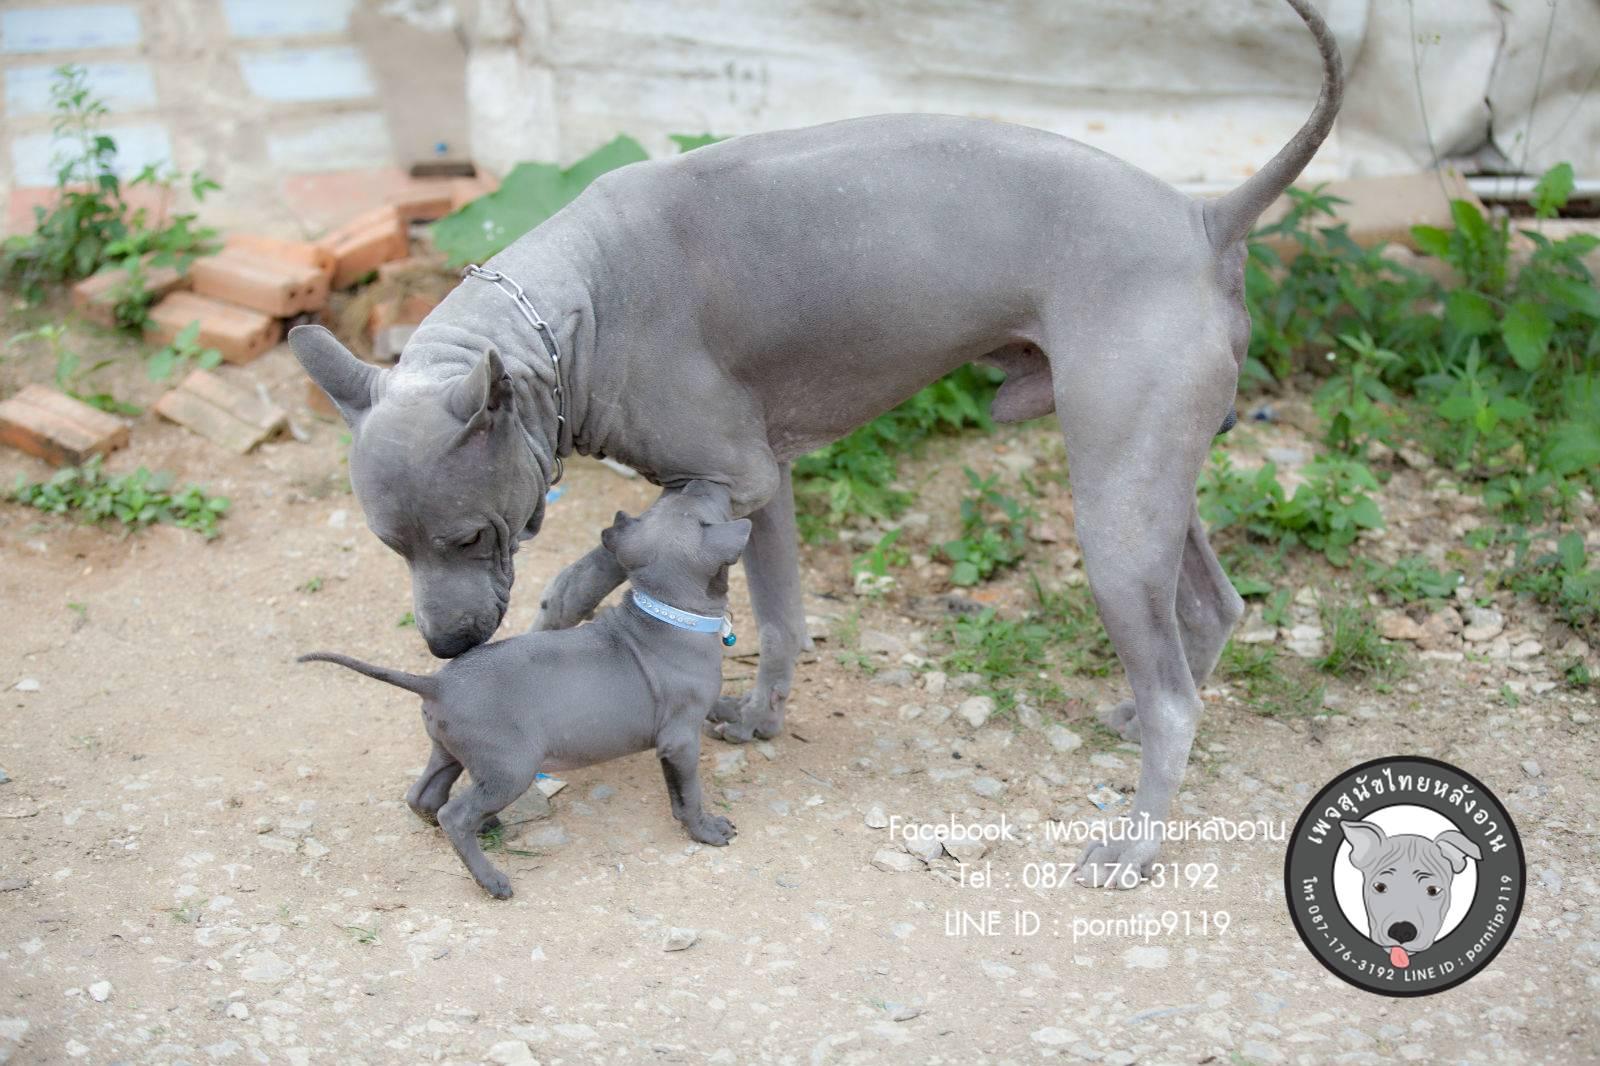 สุนัขไทยหลังอาน ขายสุนัขไทยหลังอาน   ลูกสุนัขไทยหลังอาน พ่อพันธุ์แม่พันธุ์Print-0335_webcamera360_20141224232723